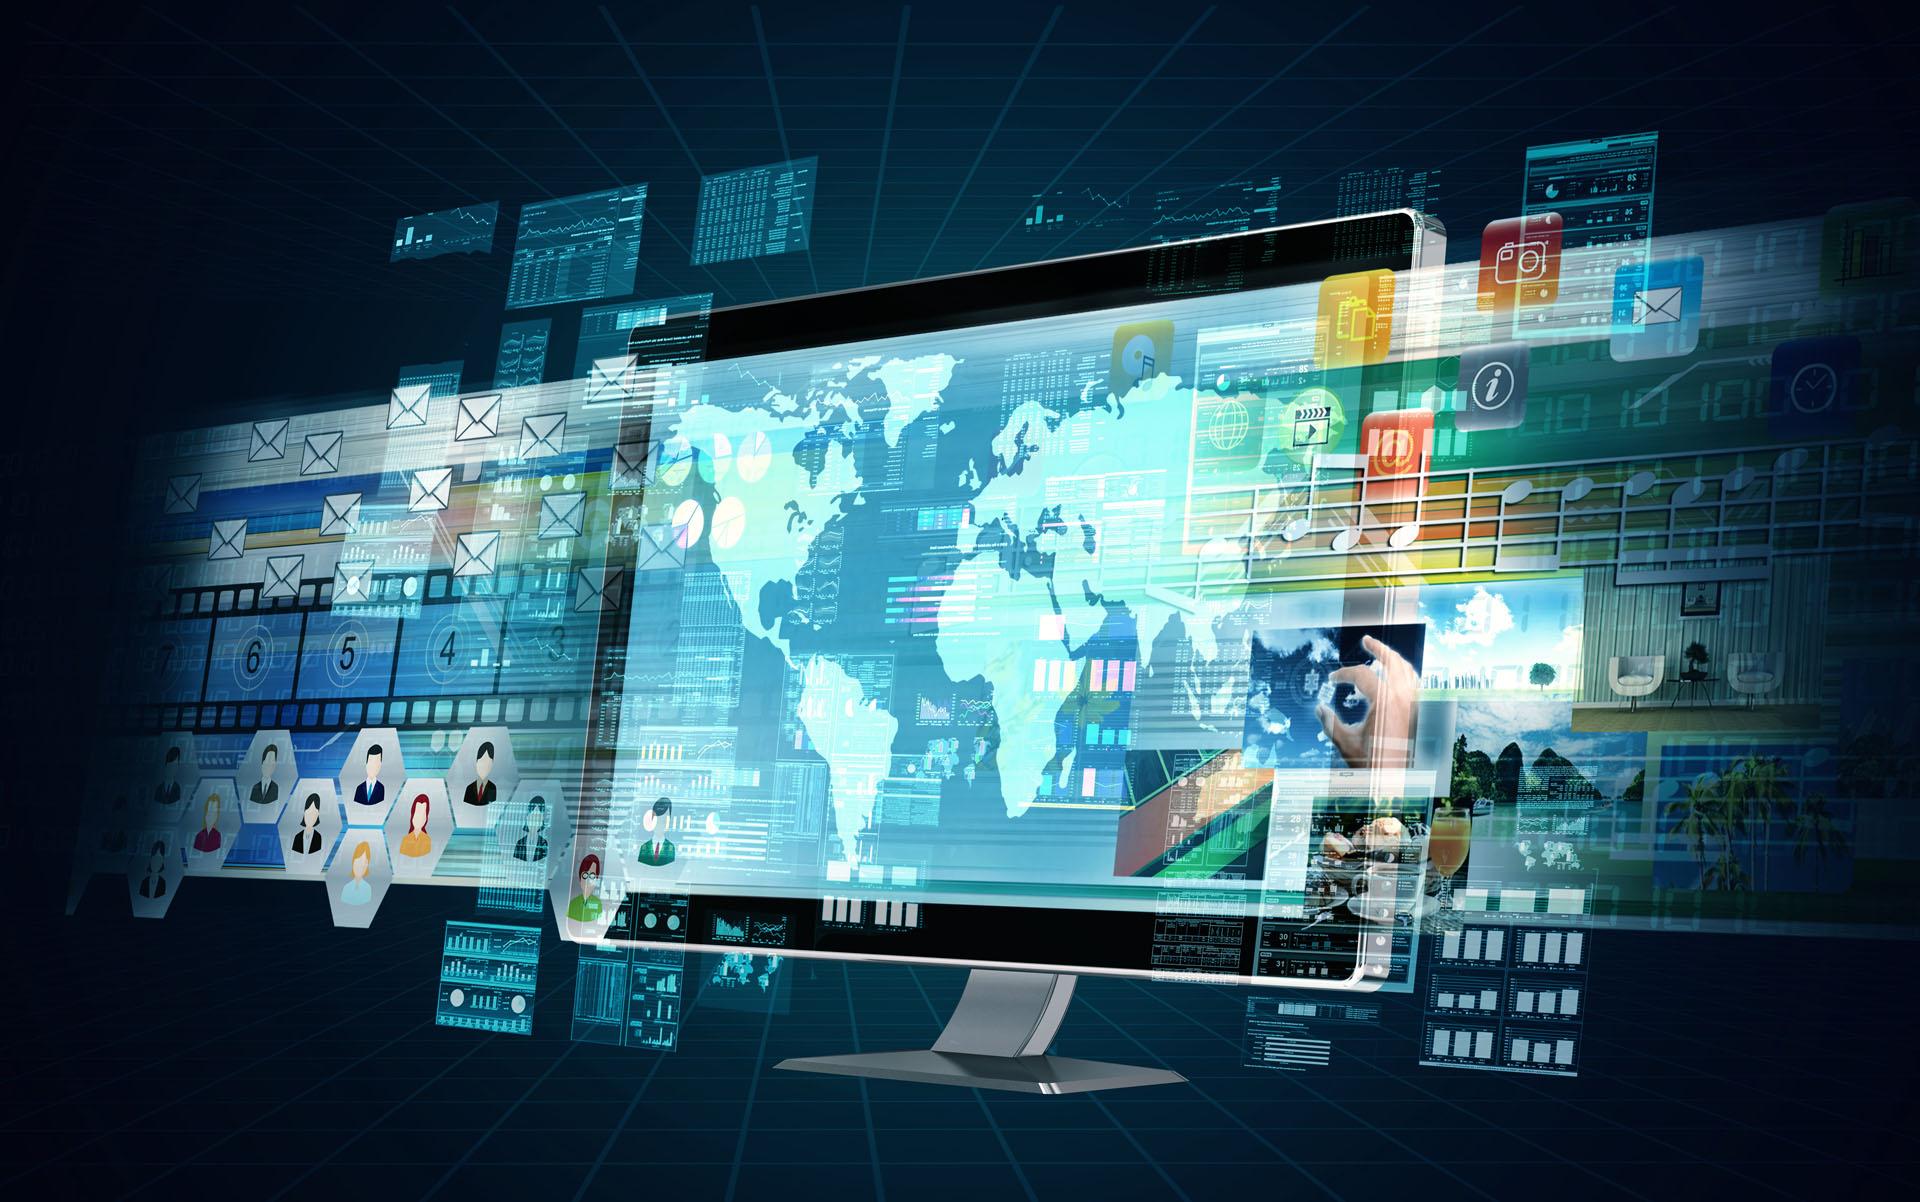 Progettazione, integrazione e manutenzione impianti televisivi e multimediali